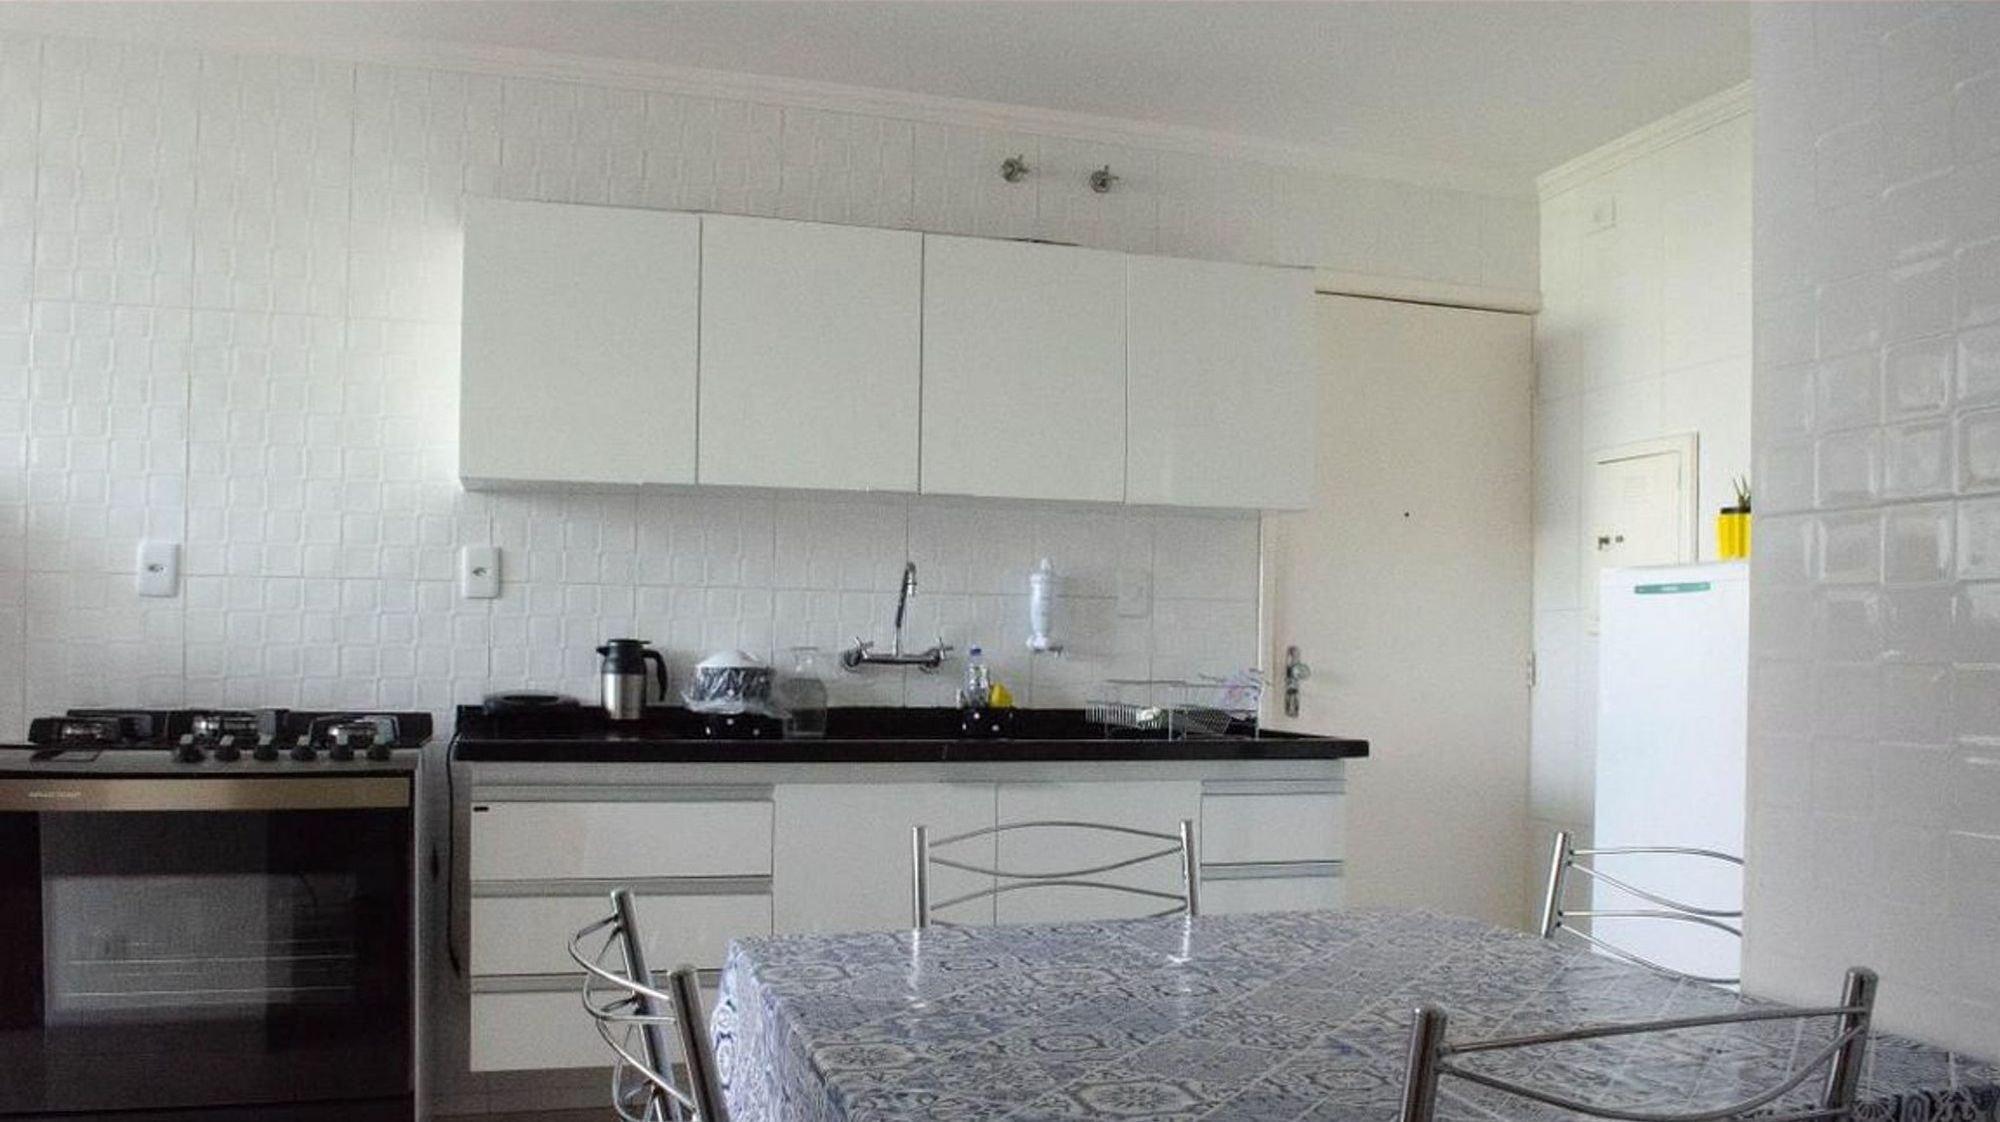 Foto de Cozinha com garrafa, forno, cadeira, mesa de jantar